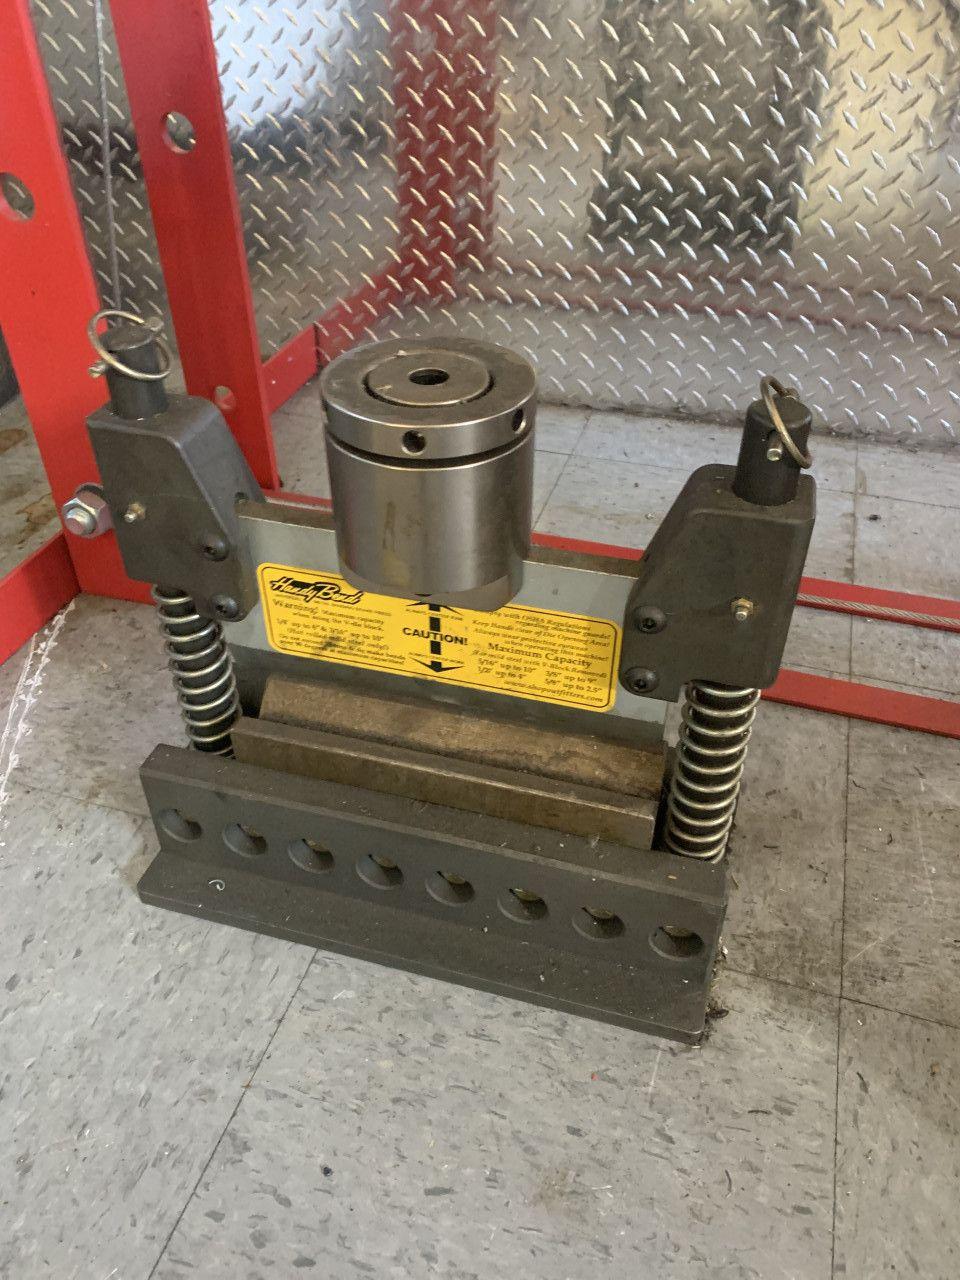 Handy Bend Brake Press Aufsatz für H-Press